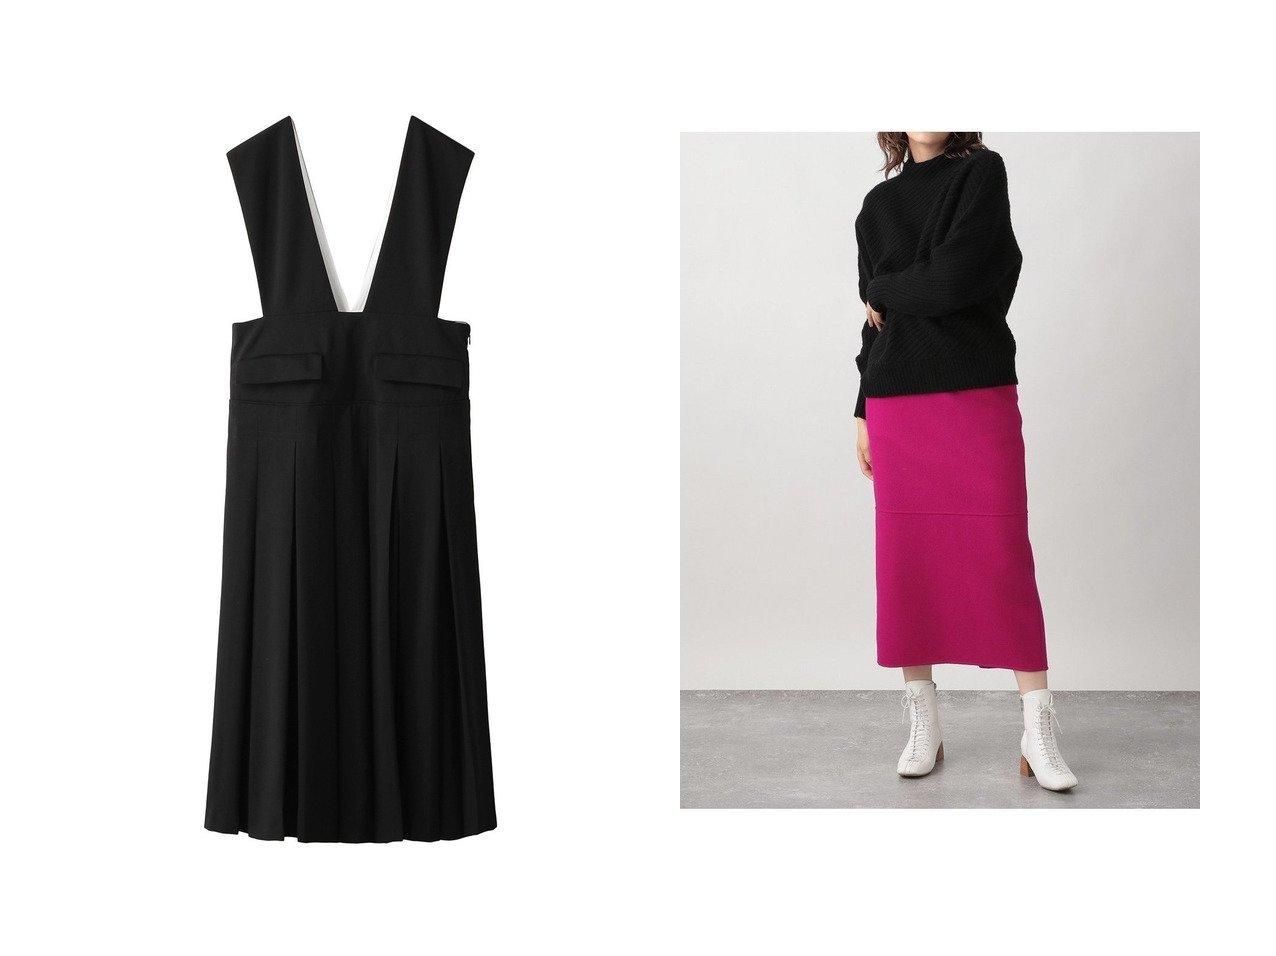 【Ezick/エジック】のリバーメルトンタイトスカート&【ENFOLD/エンフォルド】のドライウールジャンパースカート 【スカート】おすすめ!人気、トレンド・レディースファッションの通販 おすすめで人気の流行・トレンド、ファッションの通販商品 インテリア・家具・メンズファッション・キッズファッション・レディースファッション・服の通販 founy(ファニー) https://founy.com/ ファッション Fashion レディースファッション WOMEN スカート Skirt ロングスカート Long Skirt 2020年 2020 2020-2021秋冬・A/W AW・Autumn/Winter・FW・Fall-Winter/2020-2021 2021年 2021 2021-2022秋冬・A/W AW・Autumn/Winter・FW・Fall-Winter・2021-2022 A/W・秋冬 AW・Autumn/Winter・FW・Fall-Winter シンプル チュニック プリーツ ボックス ラップ ロング |ID:crp329100000067680